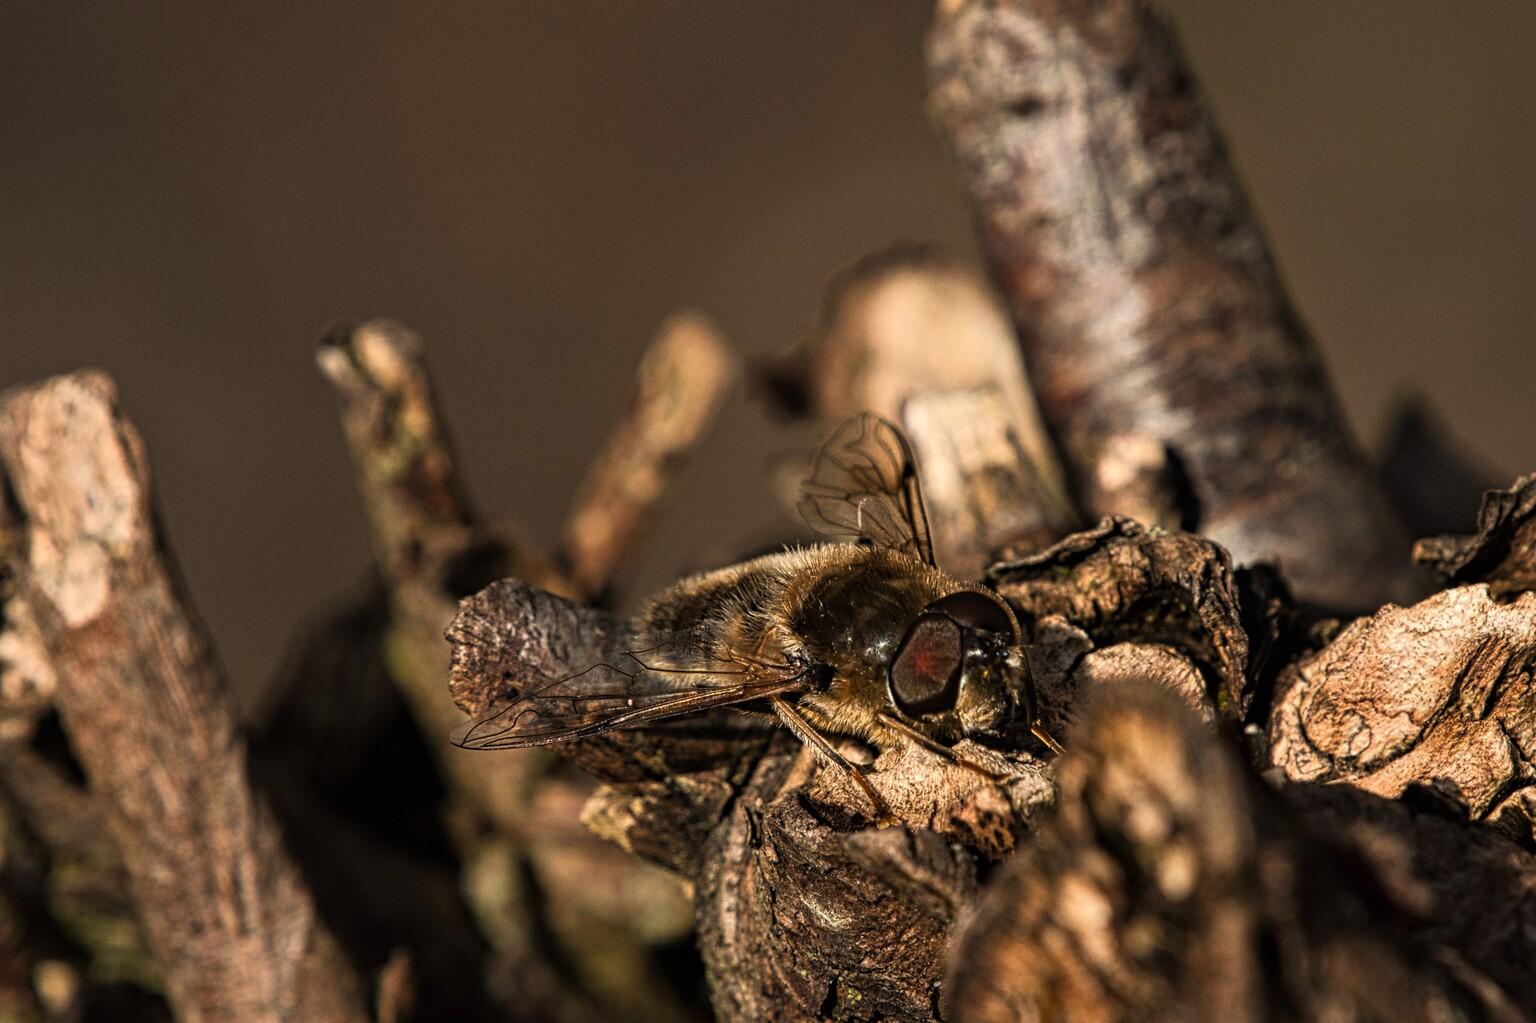 Camouflage - Dit beestje zat bovenop een boomstronk. Door zijn kleur viel hij bijna niet op.  De rode ogen verraadde zijn aanwezigheid. (Kan ook zijn dat ik de ro - foto door PaulvanVliet op 12-04-2021 - deze foto bevat: vlieg, bij, wesp, boomstronk, lente, rode ogen, vleugels, tuin, zoetermeer, fabriek, hout, geleedpotigen, takje, kofferbak, insect, plaag, ongewervelden, parasiet, natuurlijk materiaal